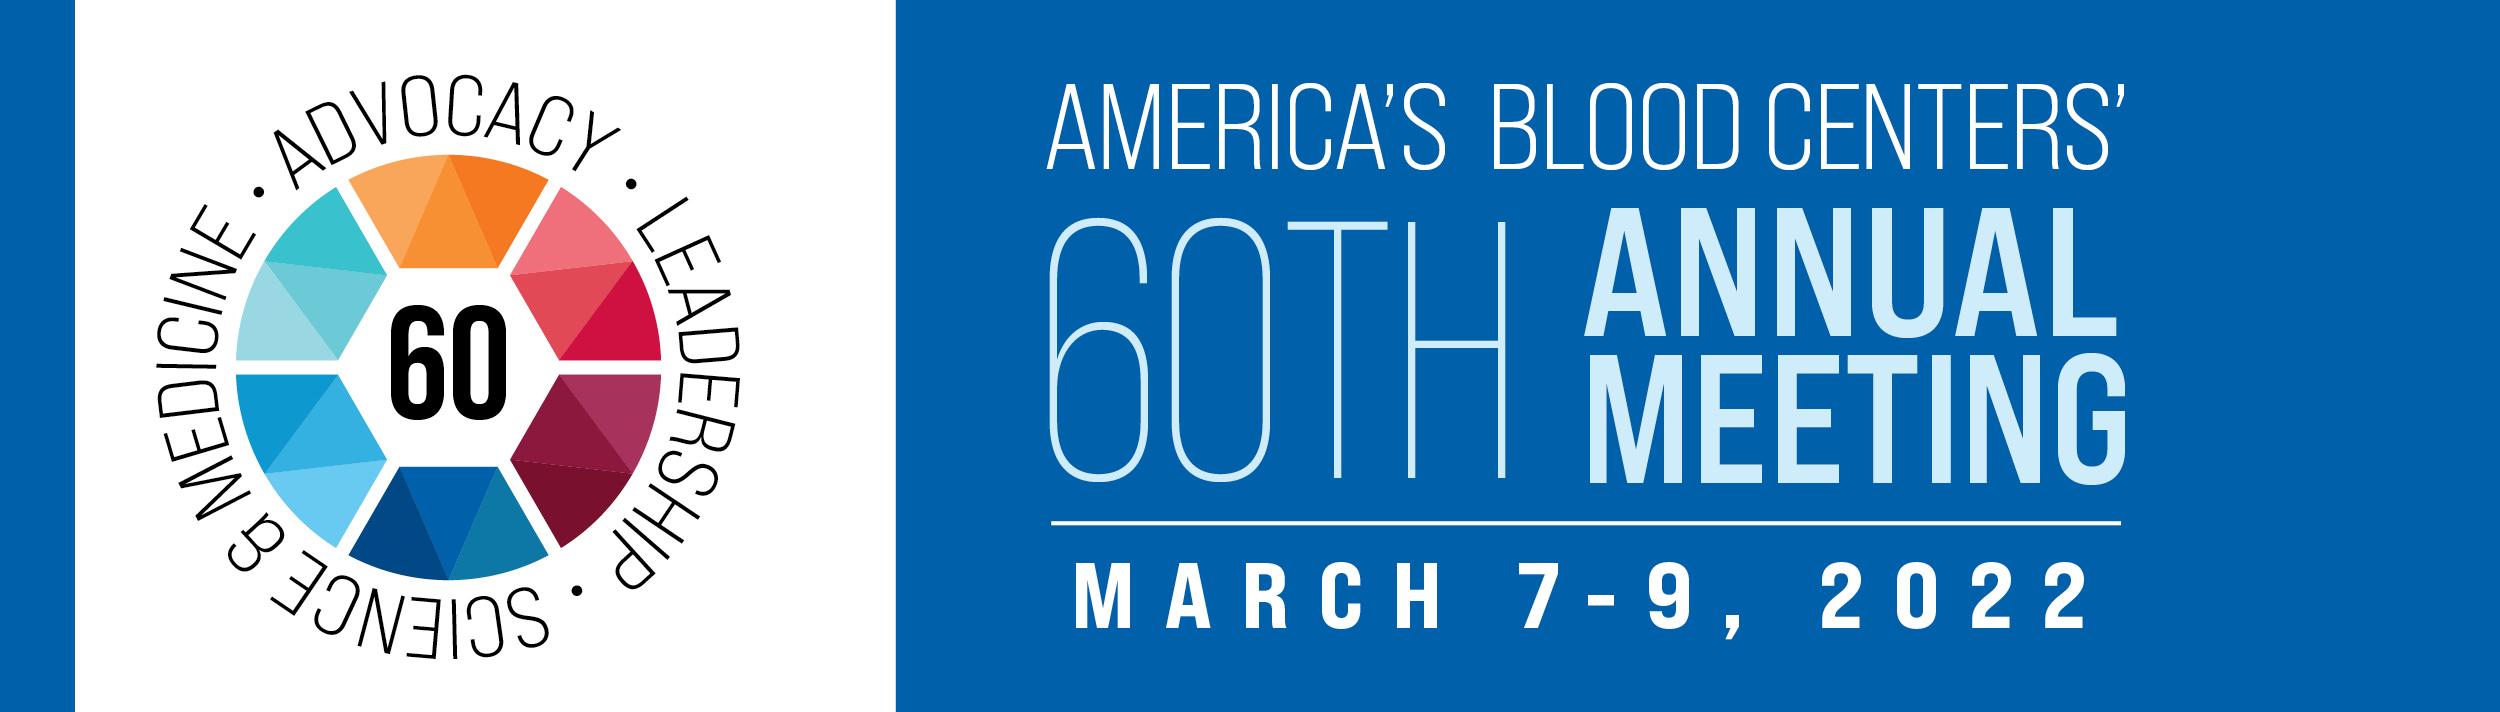 ABC2022AnnualMeeting-web banner 4